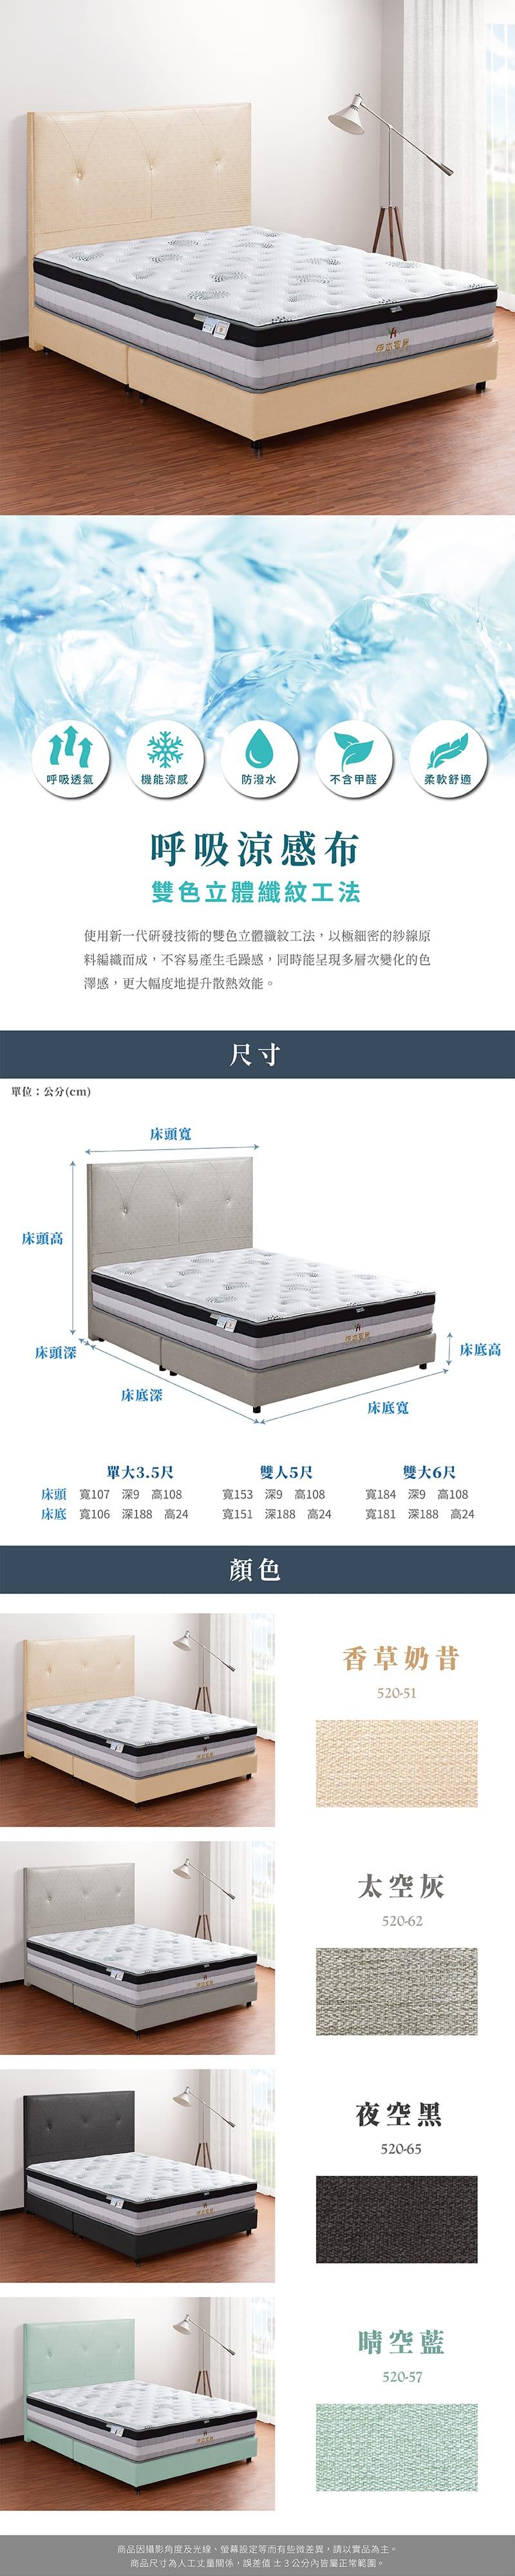 傑森 涼感布床組兩件 雙人5尺(床頭片+床底)